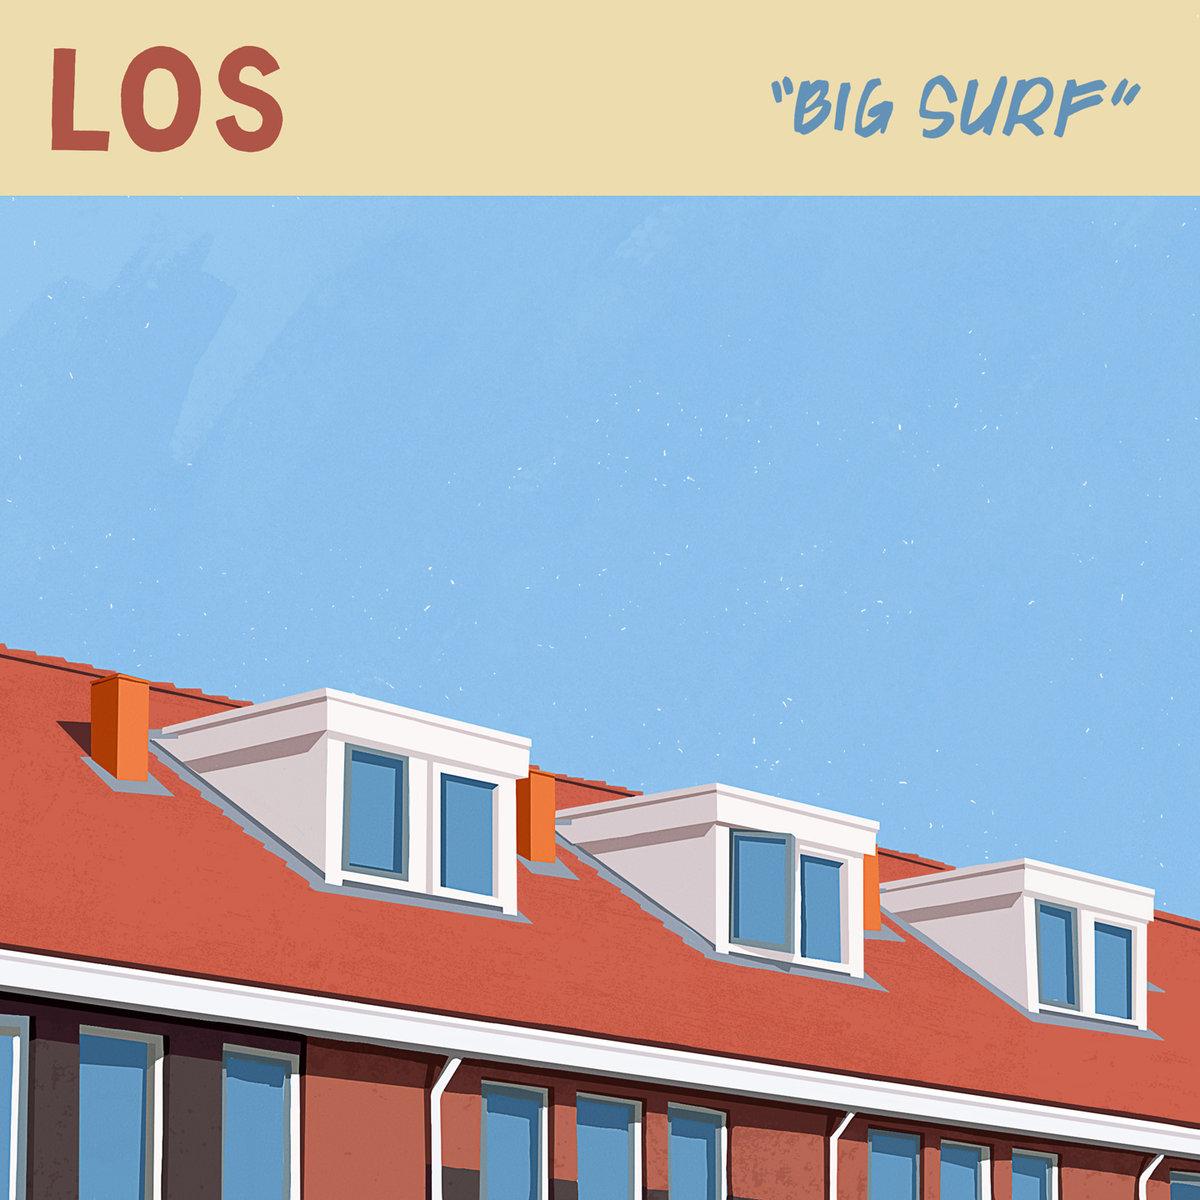 Los - Big Surf